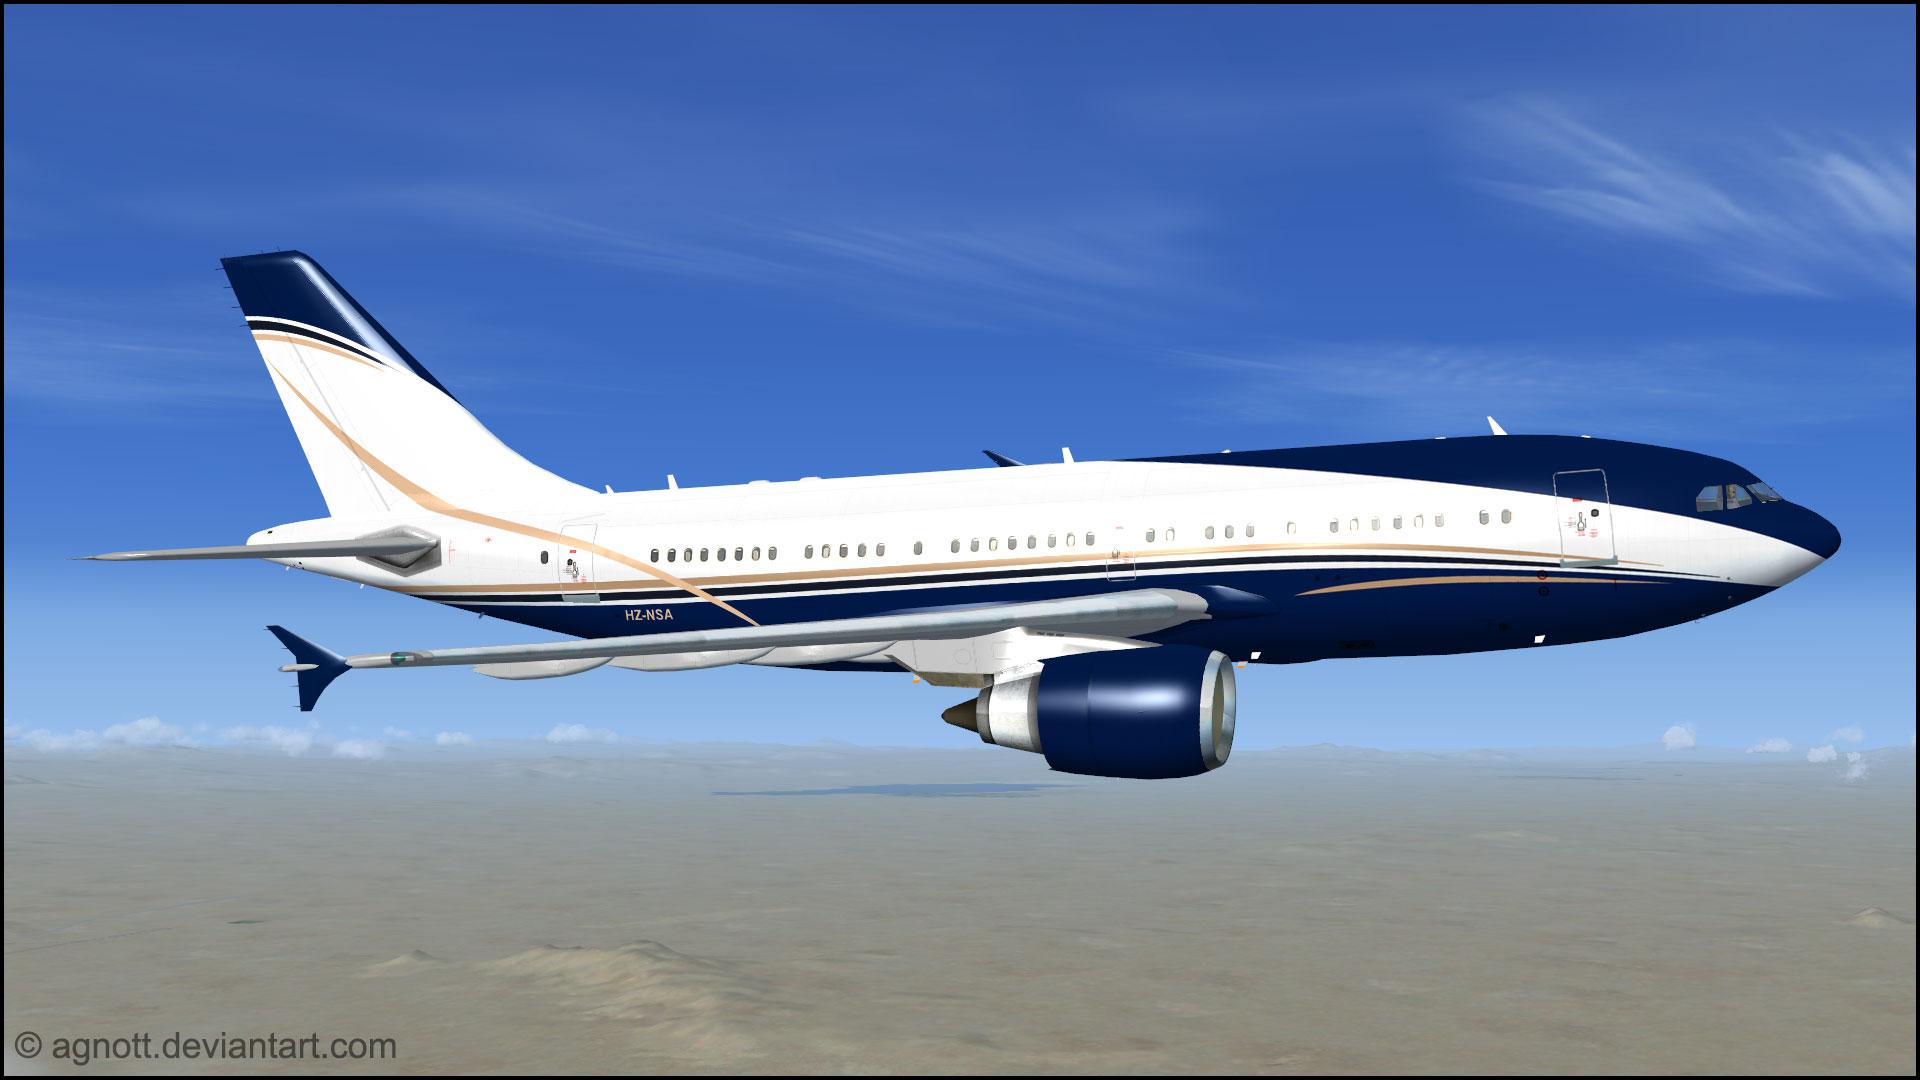 A310-300 VVIP 'HZ-NSA' Repaint by agnott on DeviantArt